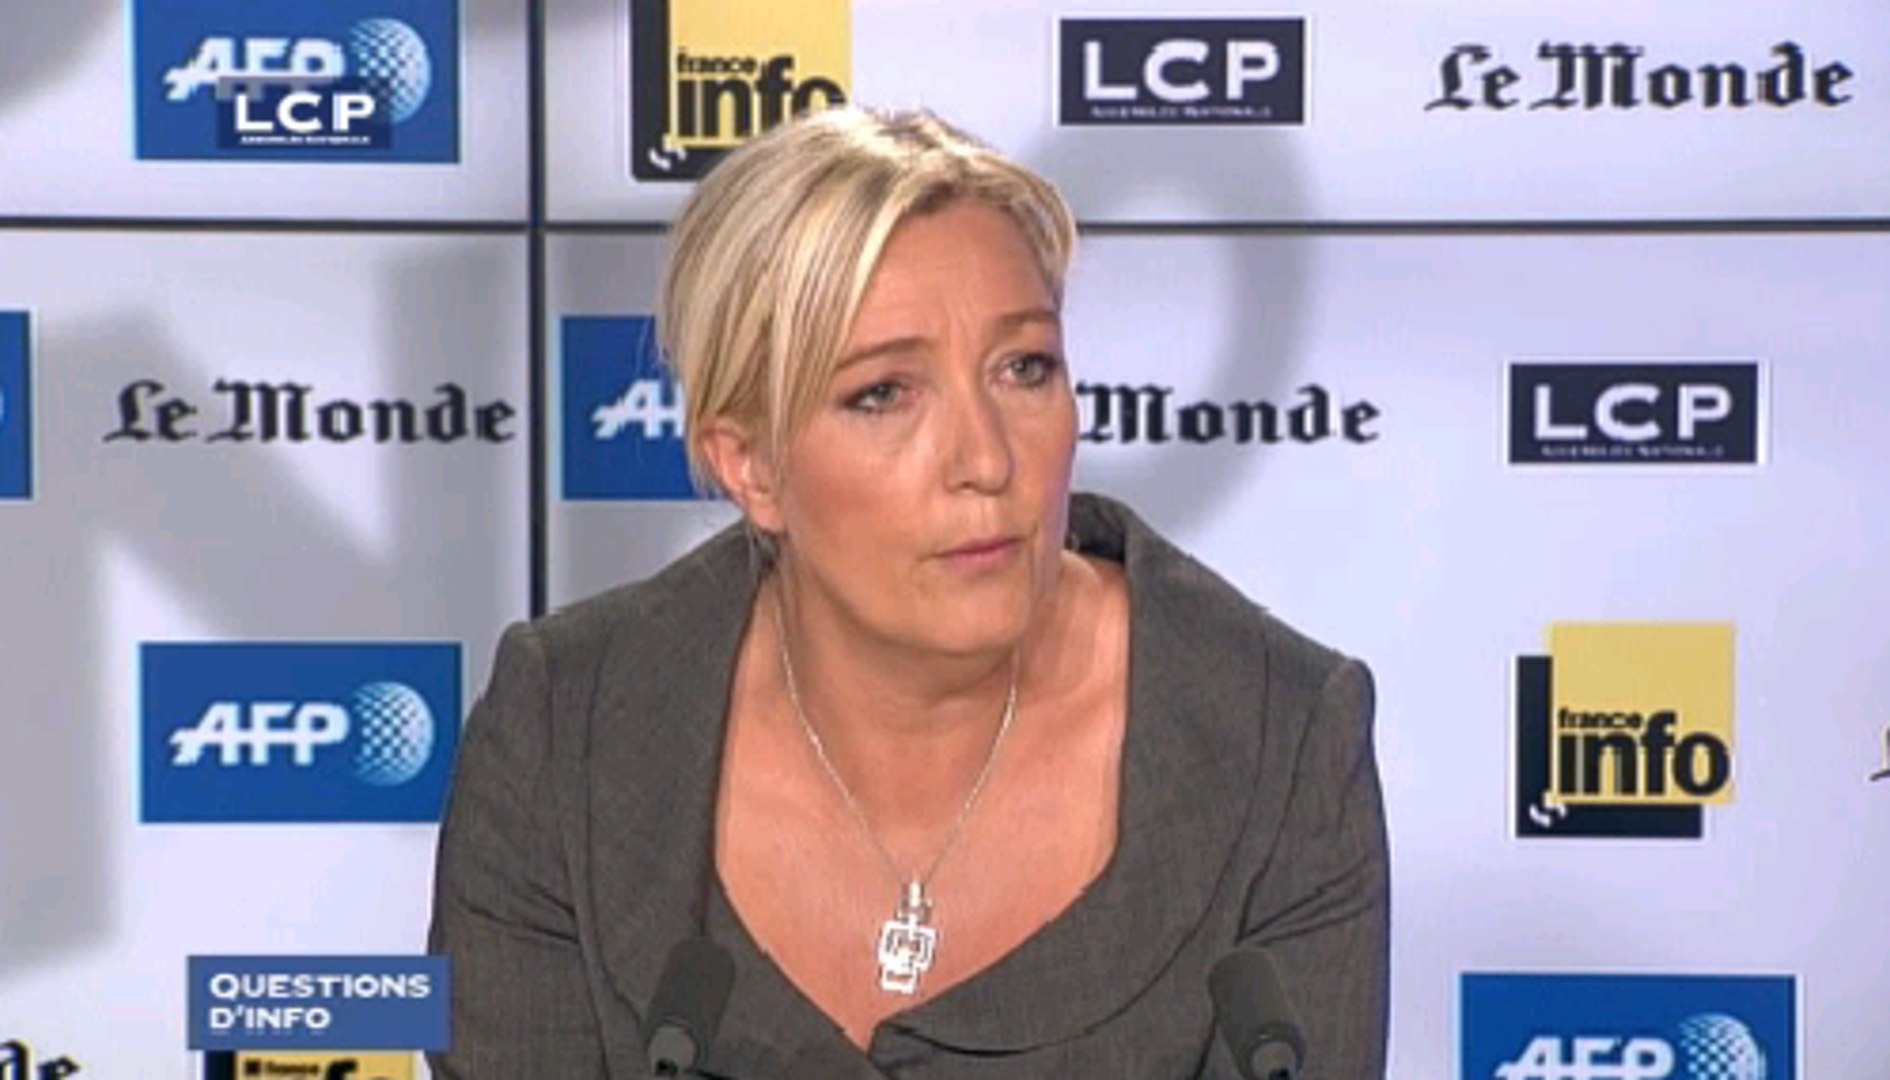 Questions d'info : Marine Le Pen, présidente du Front national